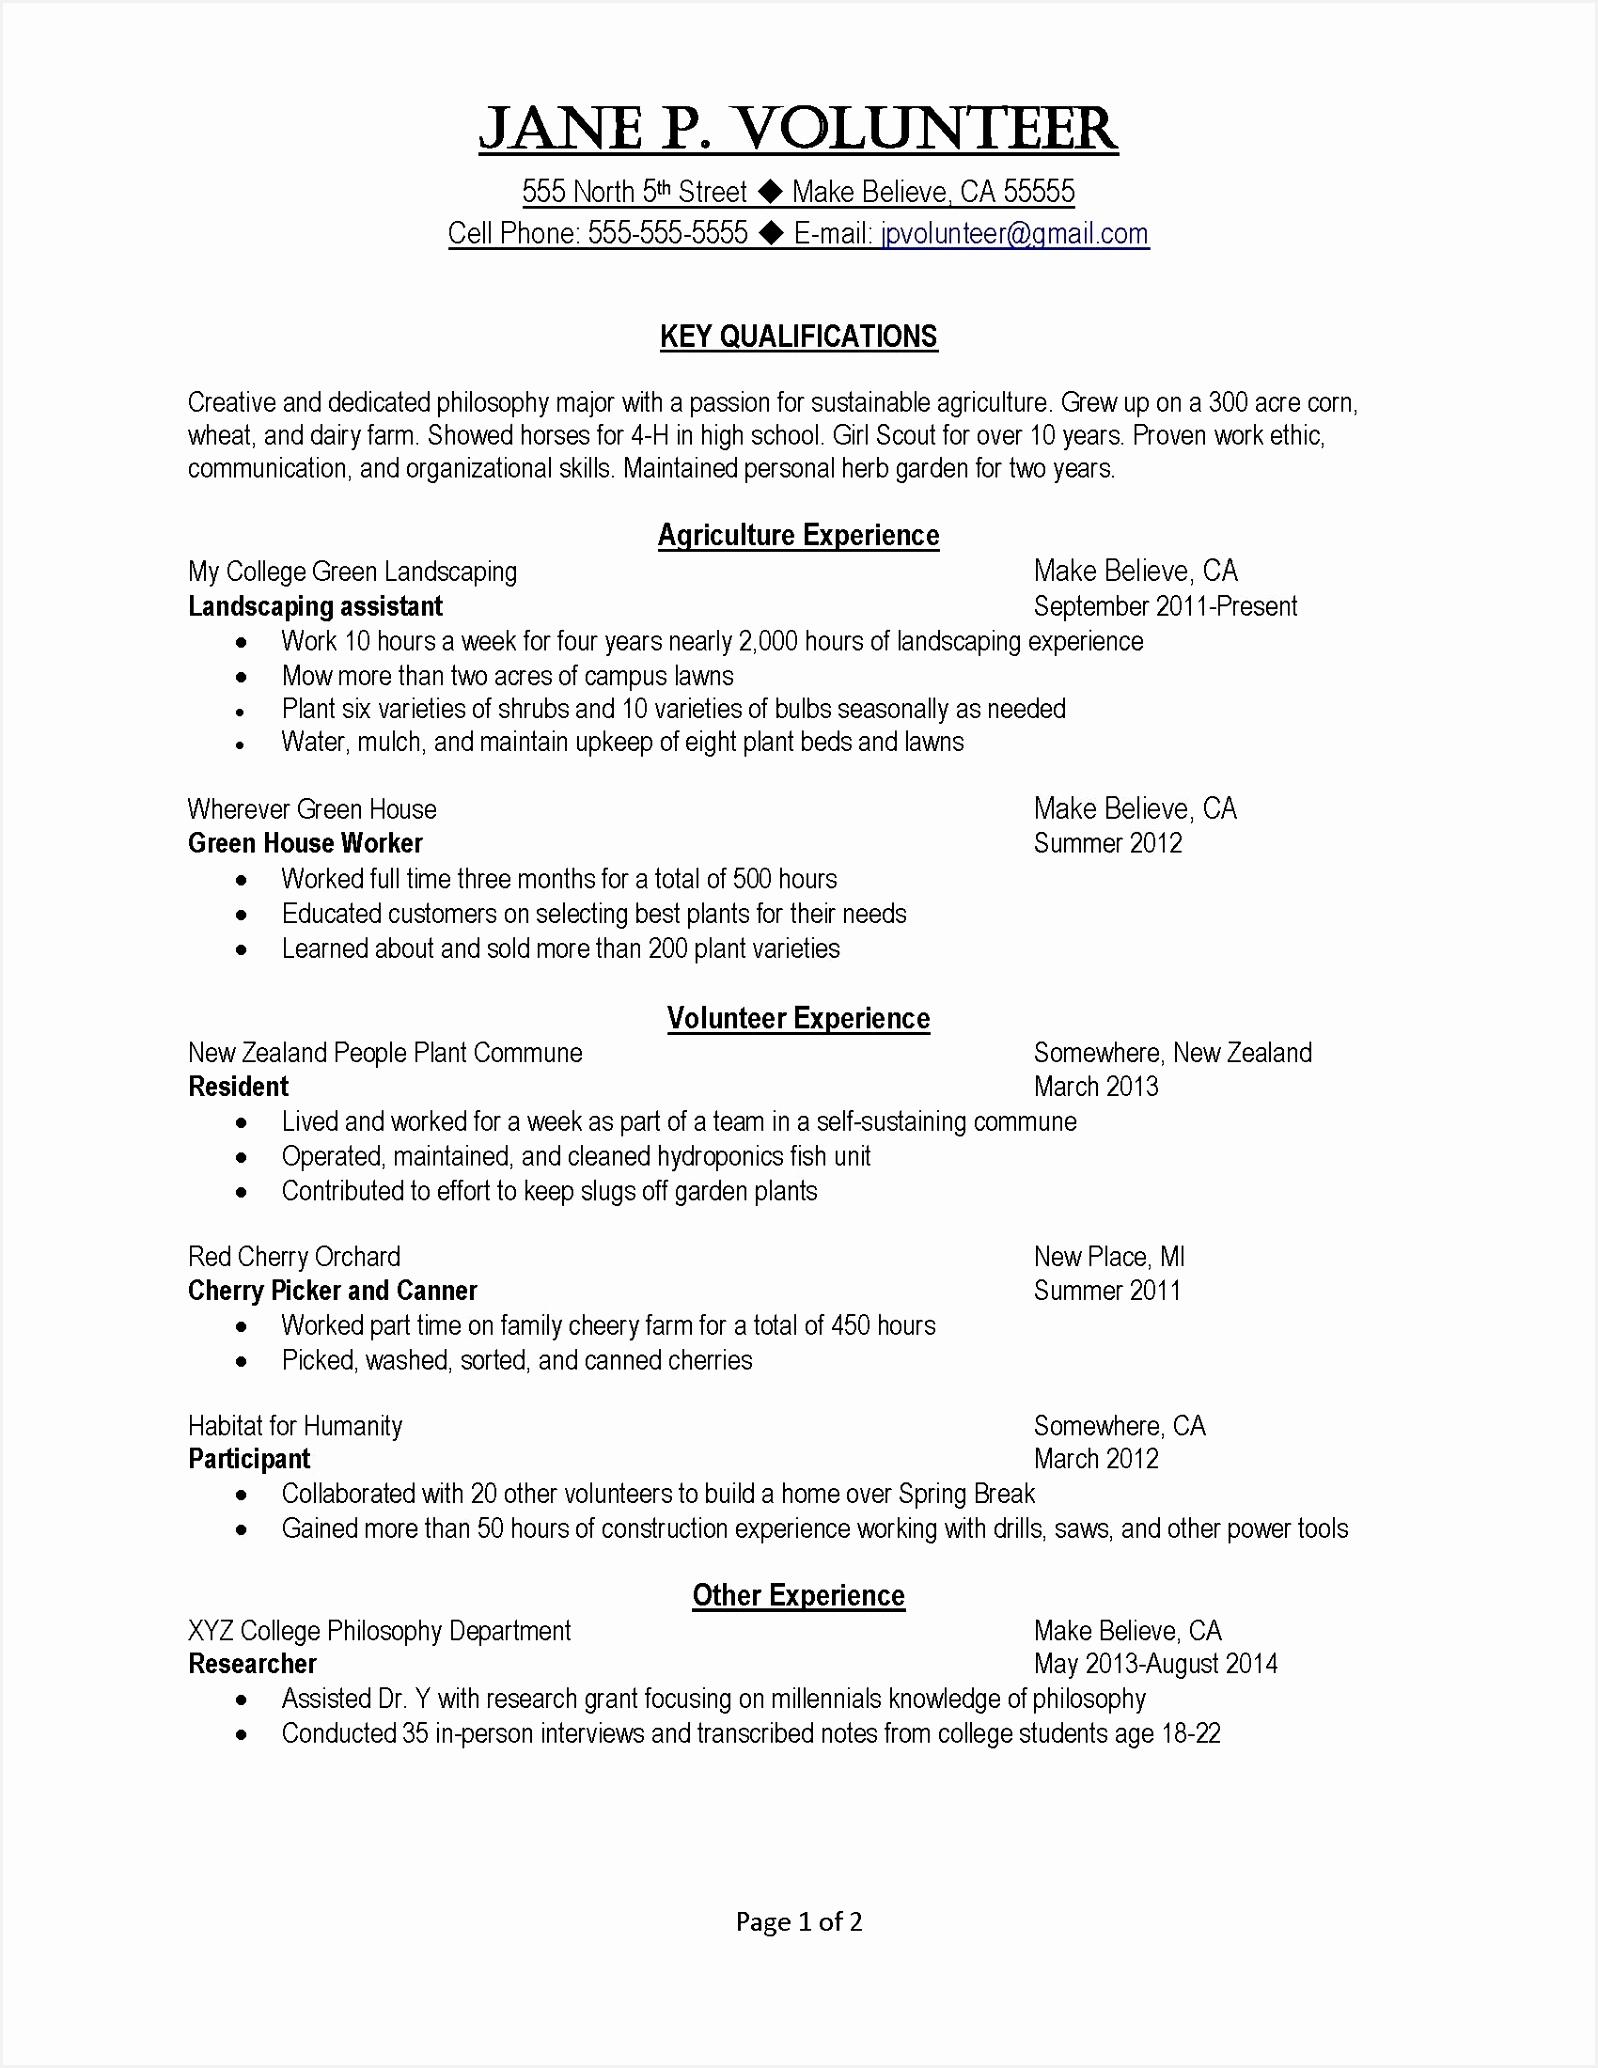 good resume design unique examples good resumes unique 46 design free samples resumes of good resume 206815986TPbi